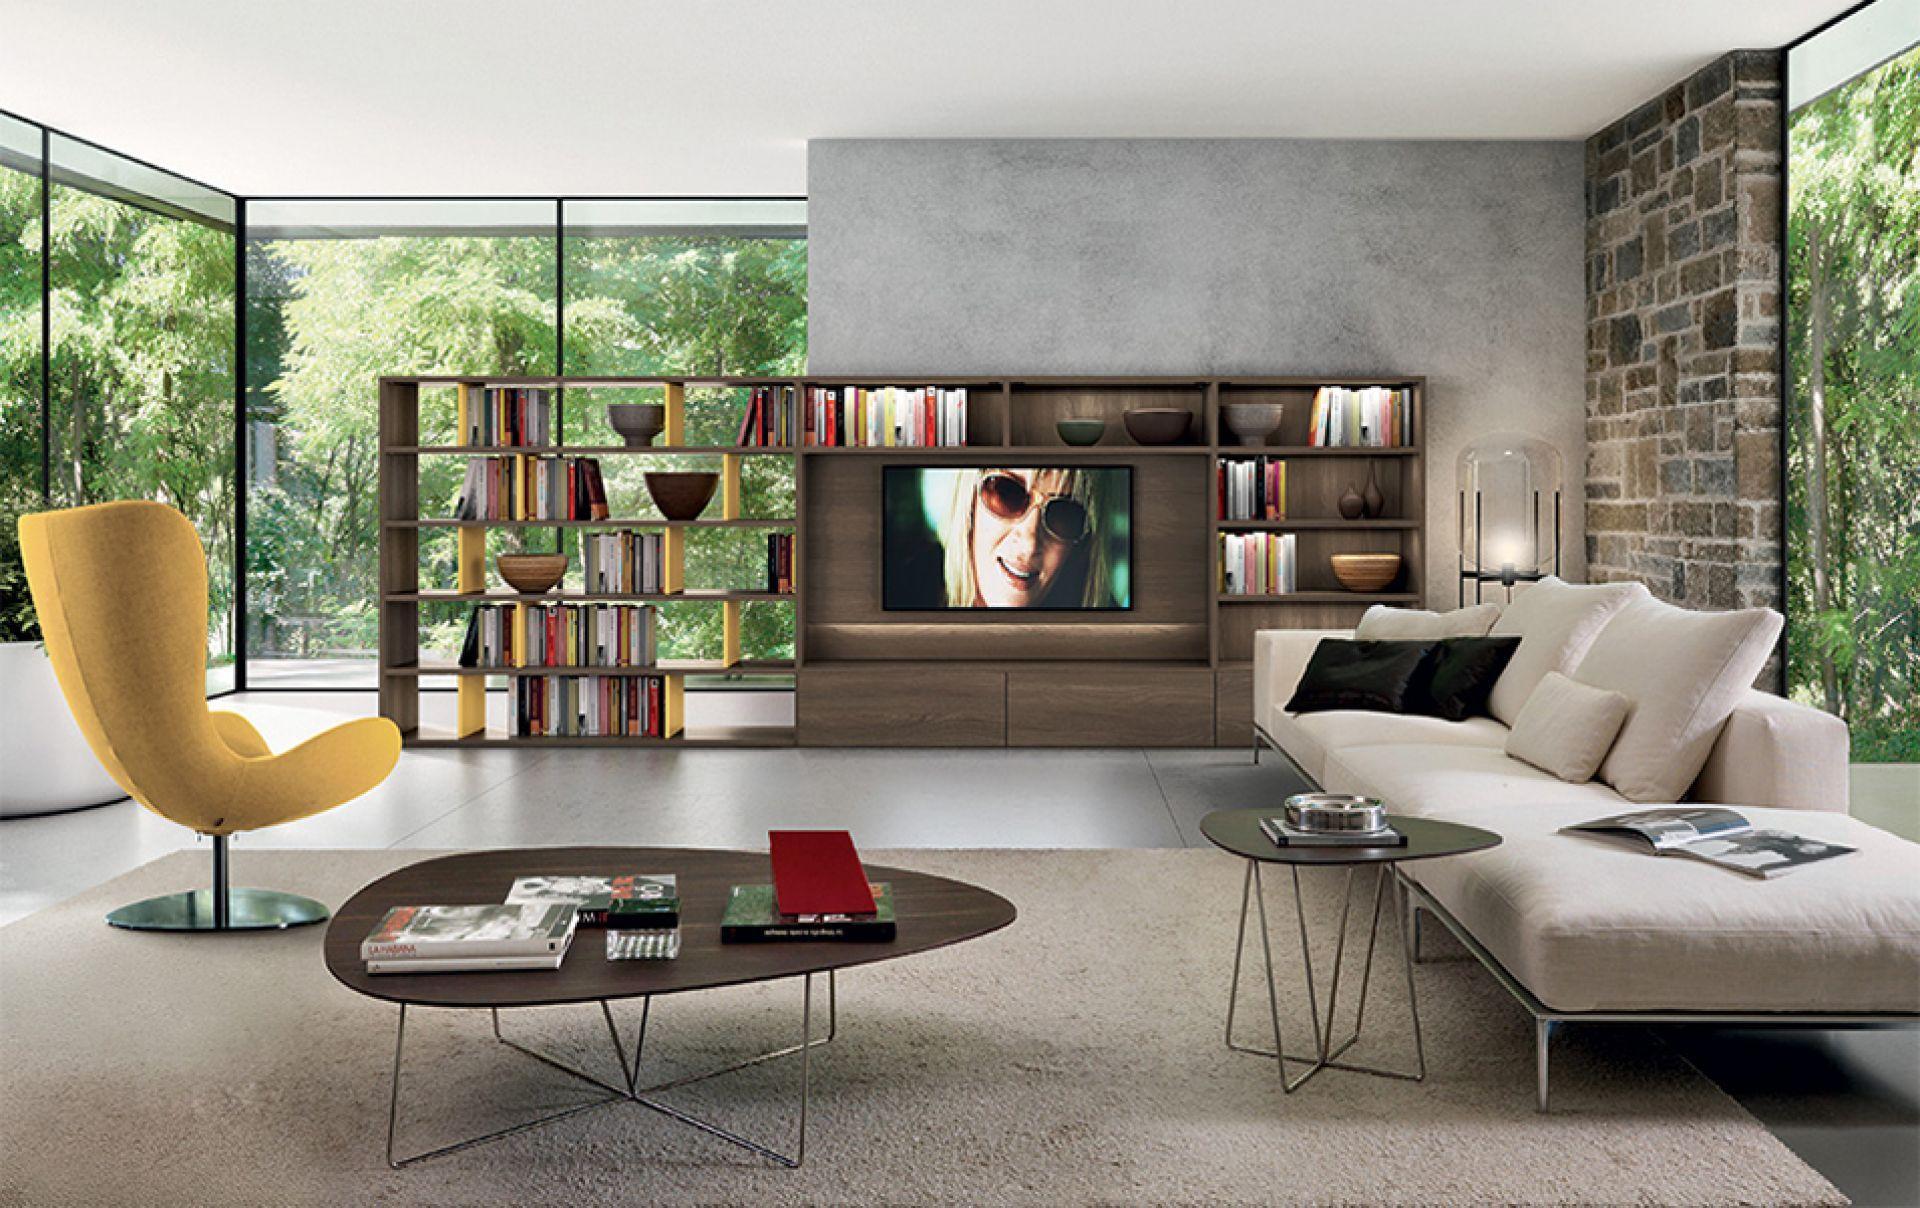 Soggiorni Moderni In Torino : Soggiorni moderni bergamo abc interni